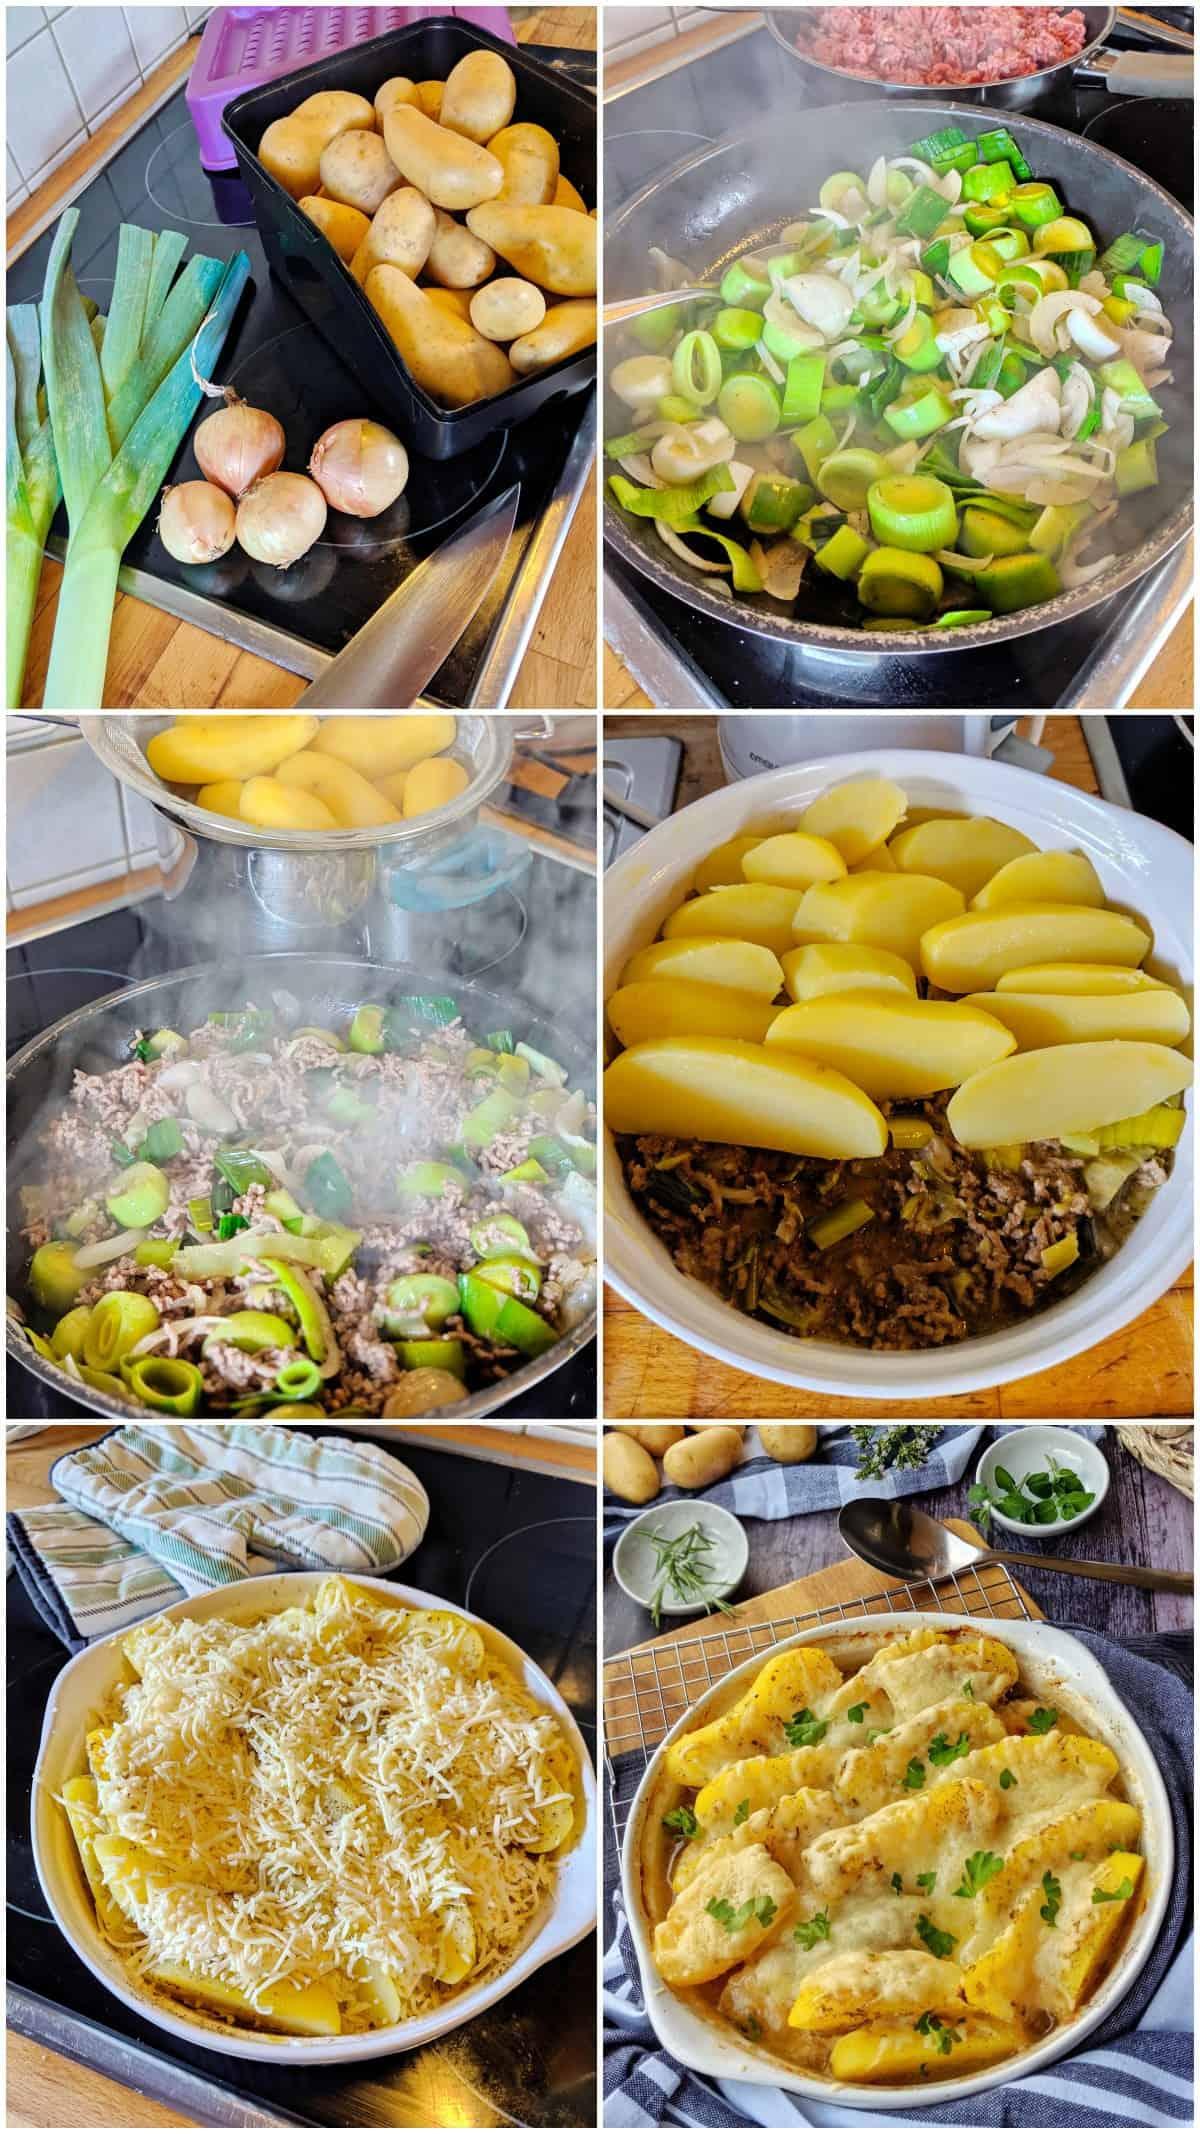 Eine Collage der Zubereitungsschritte von Collage gebackenen Kartoffeln mit Lauch und Hack.